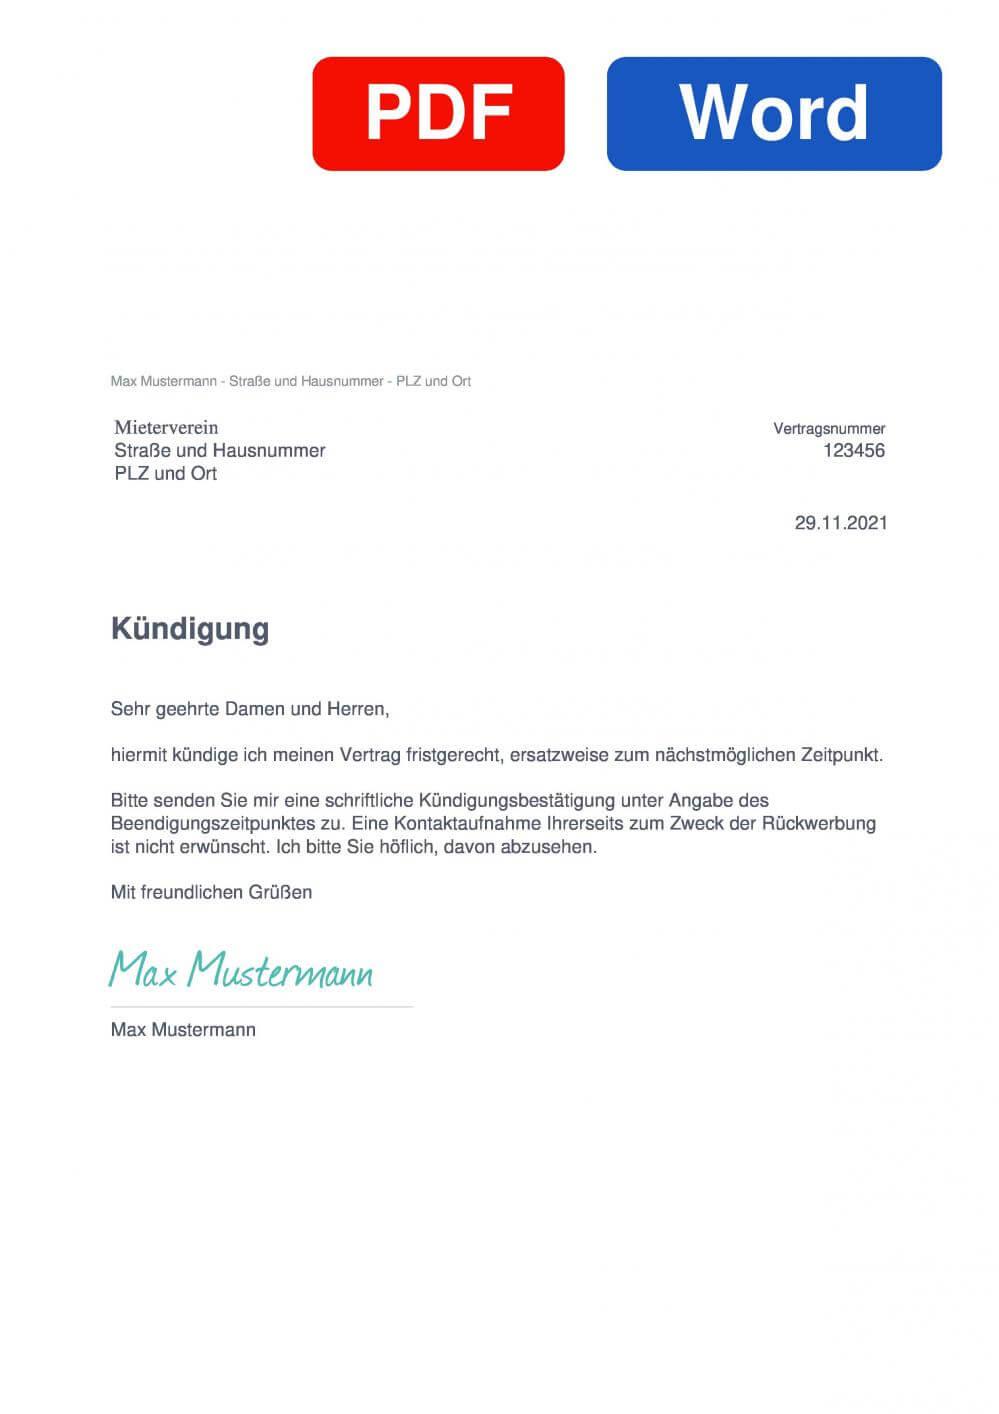 Mieterverein Muster Vorlage für Kündigungsschreiben